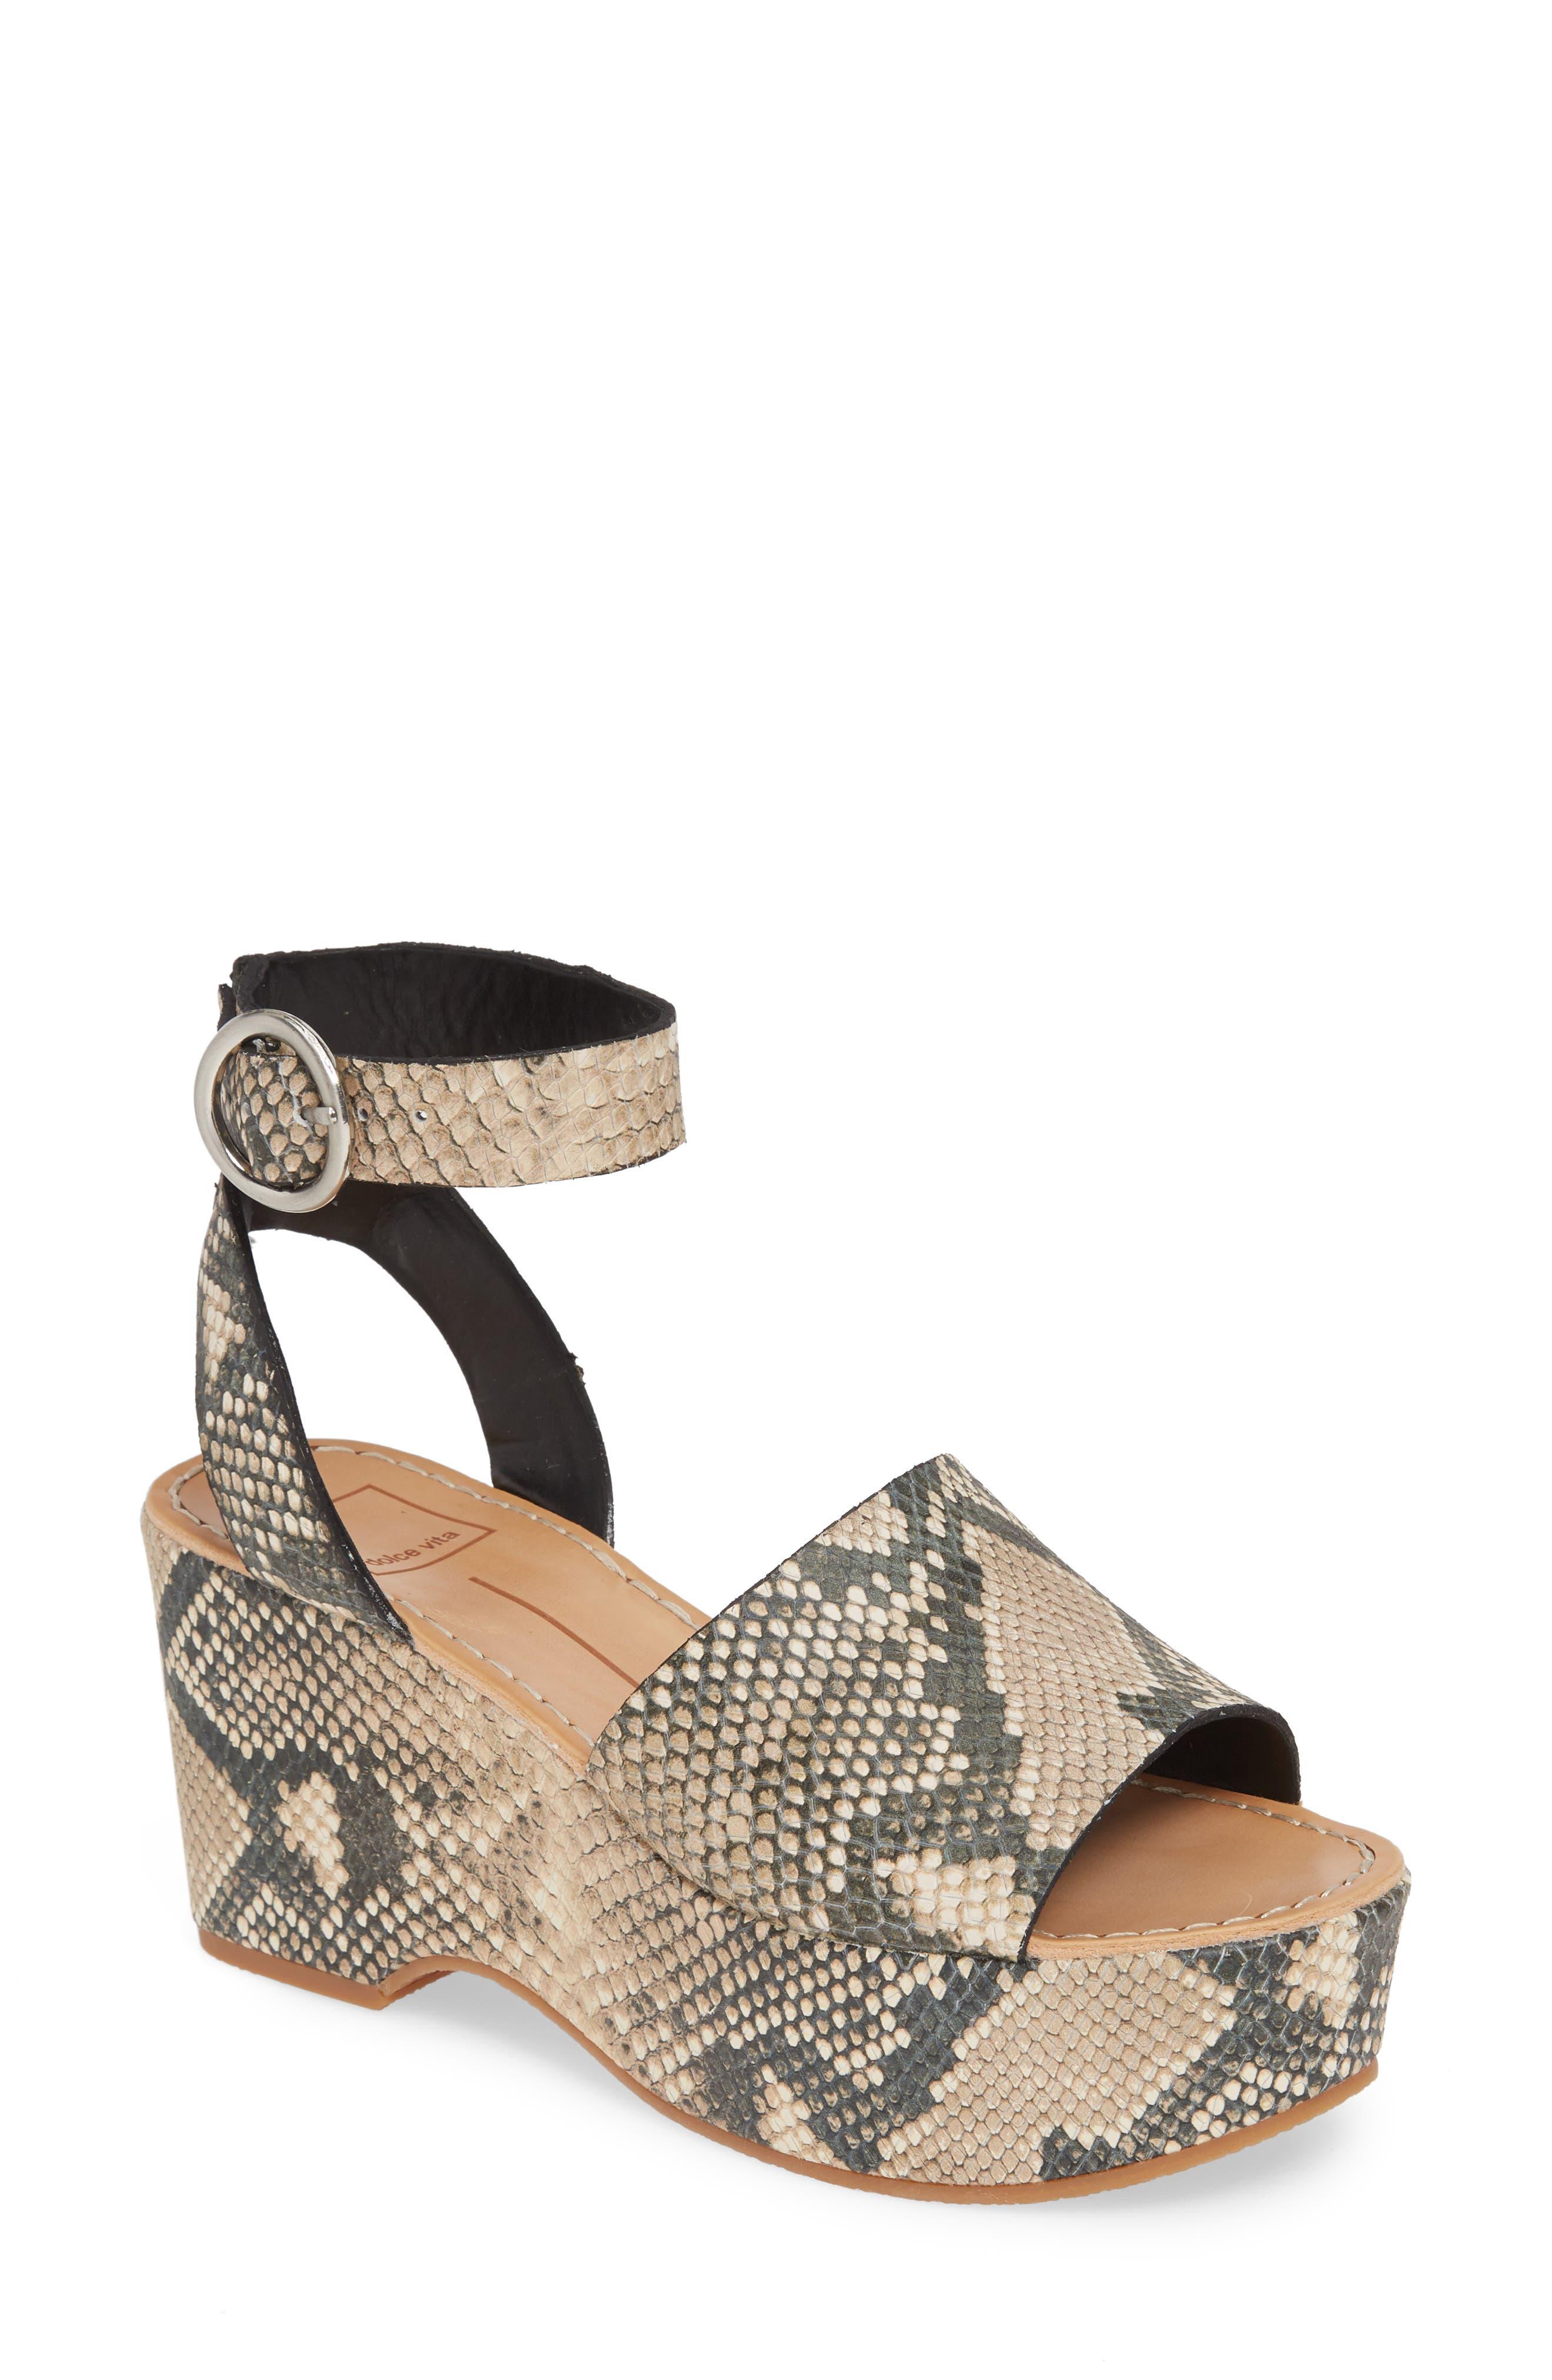 Dolce Vita Lesly Espadrille Platform Sandal, Brown